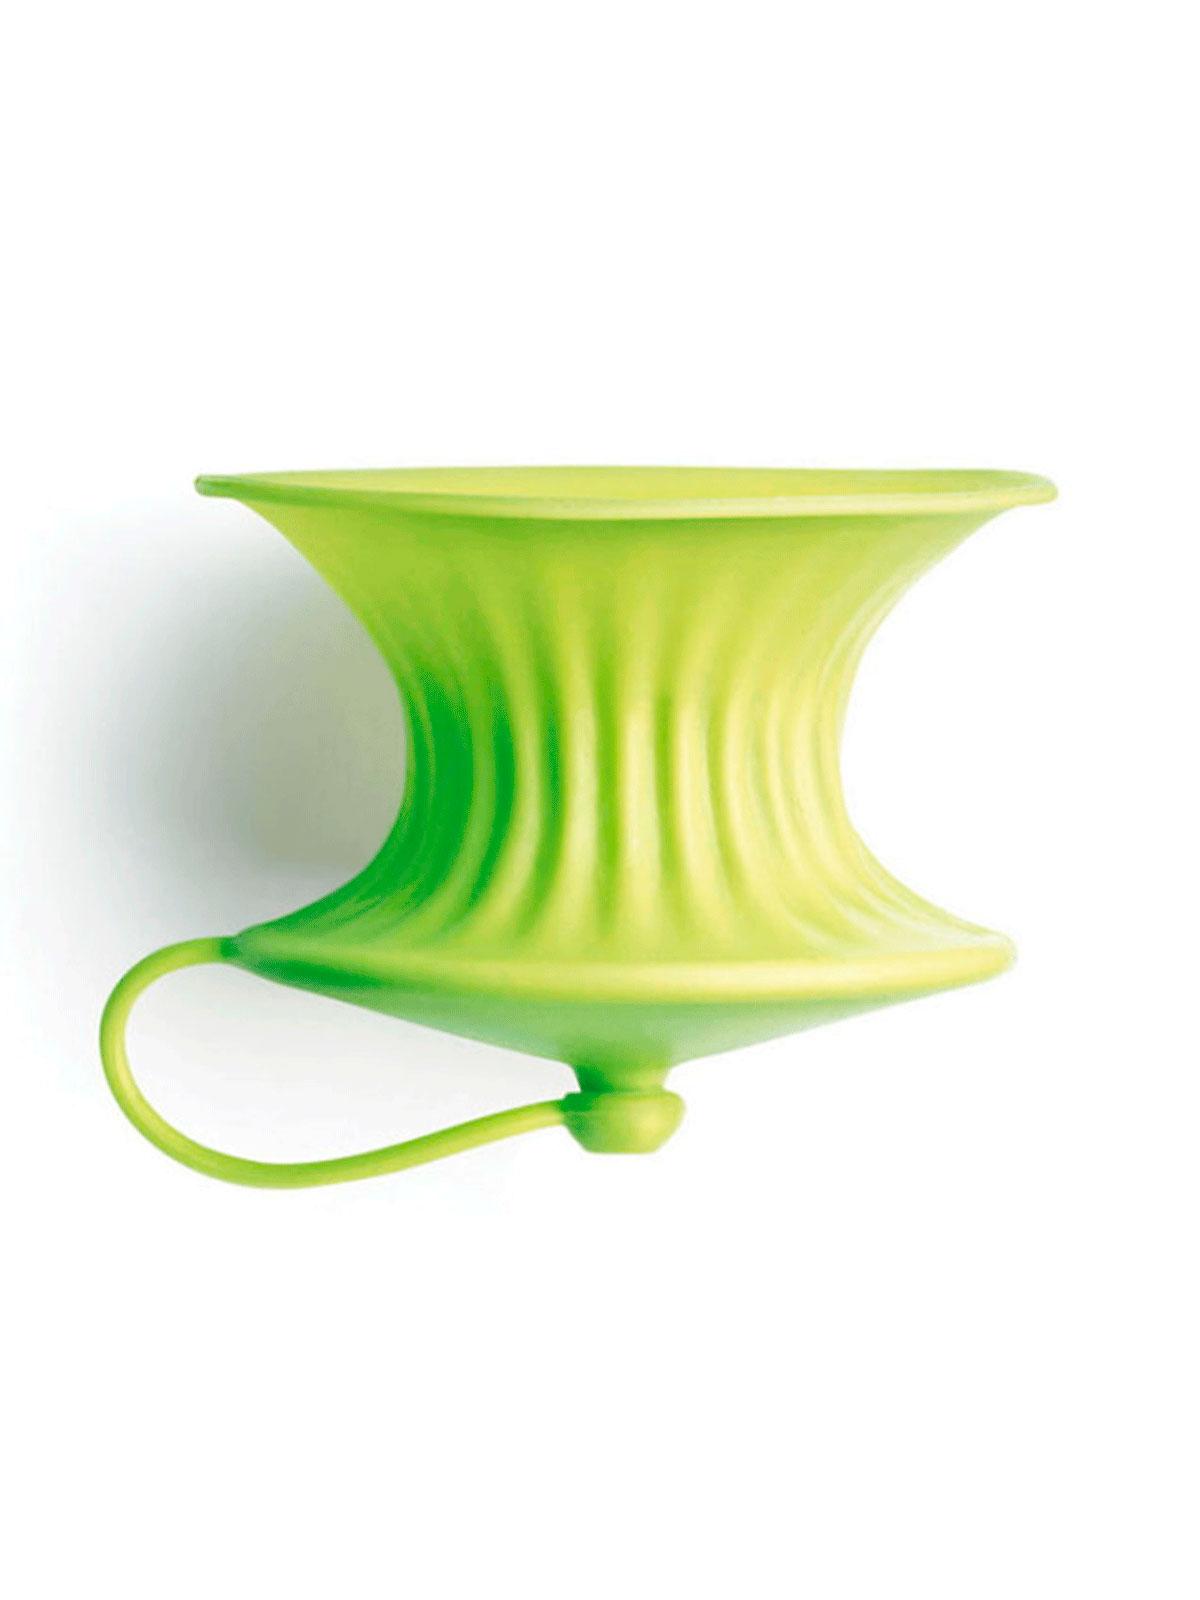 Lk3401100v05u005 3 exprimidor de limones comprar tienda for Menaje cocina online